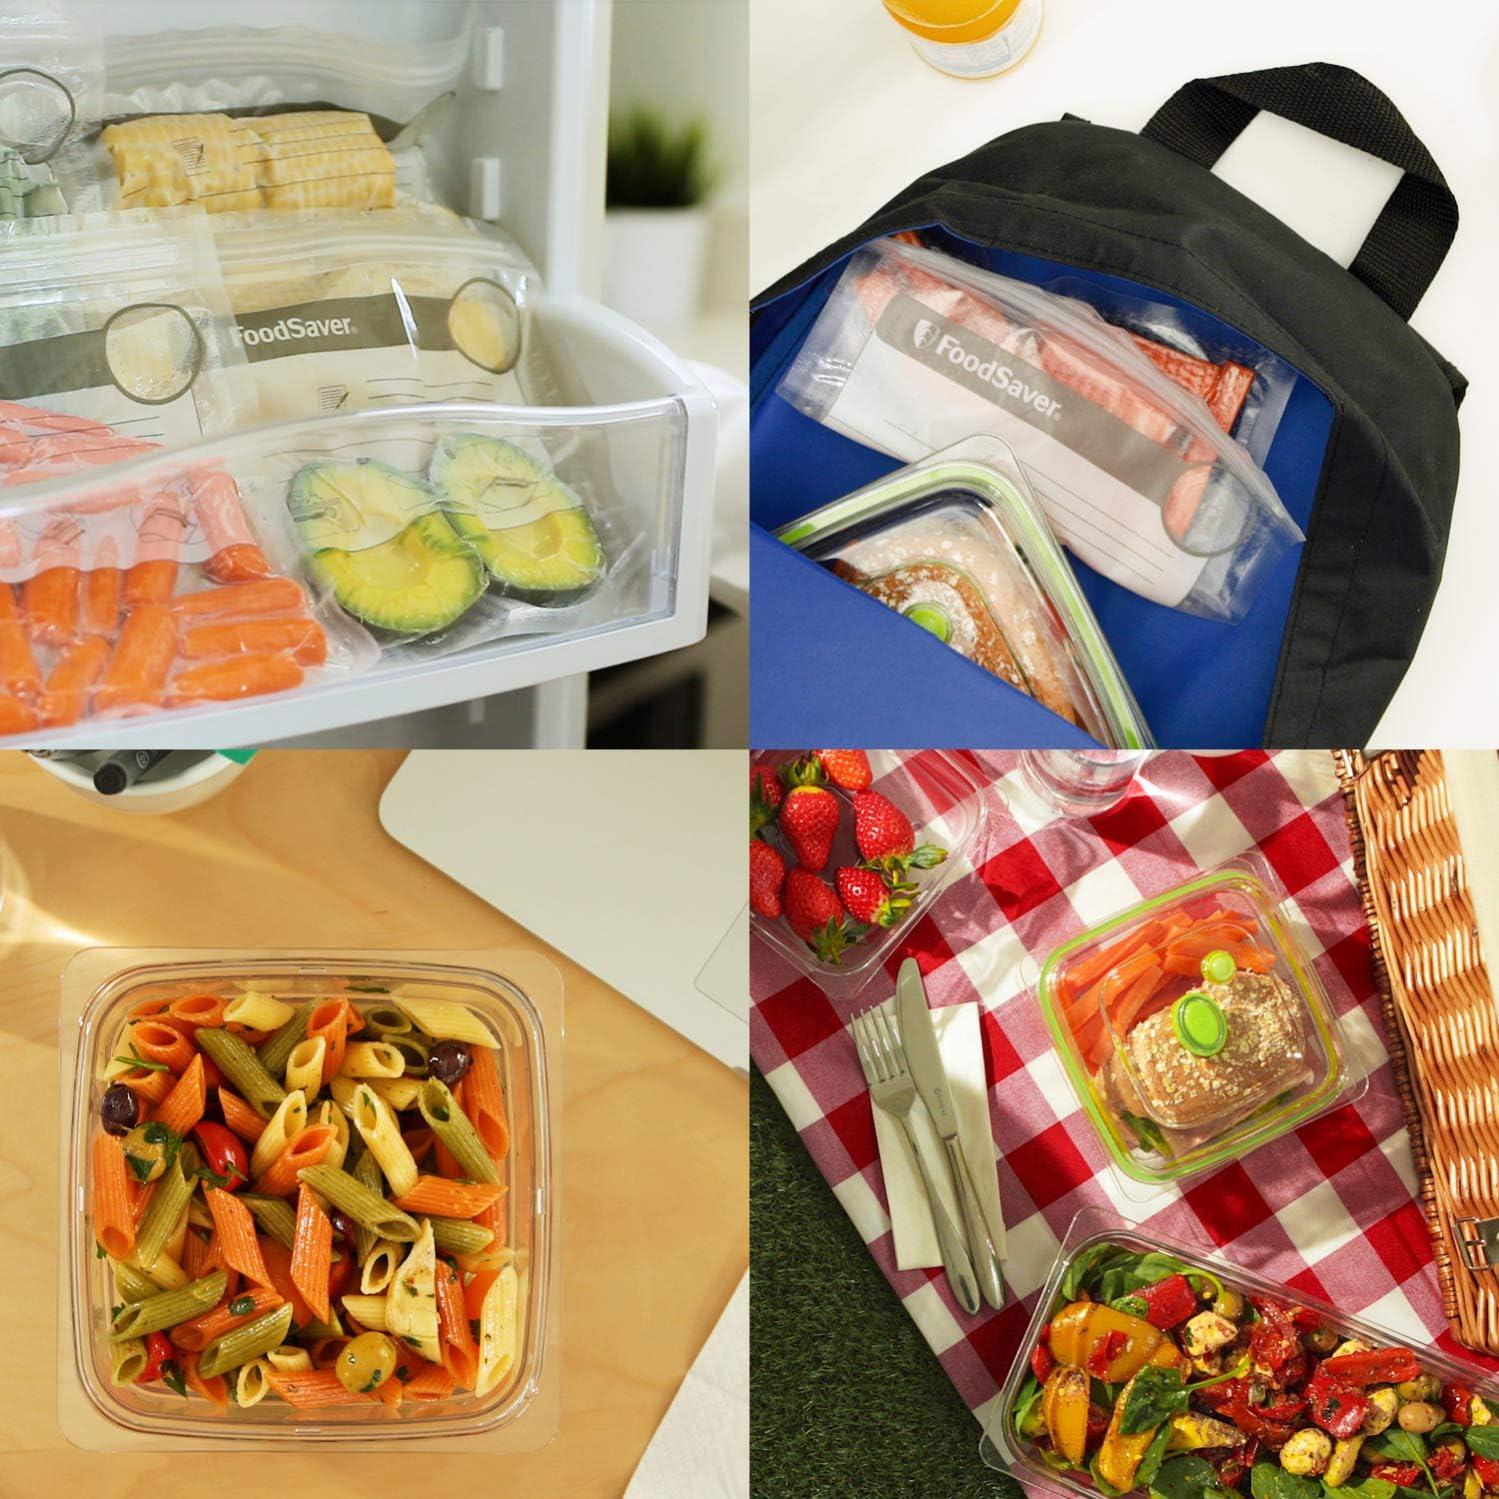 FoodSaver FGP252X Lot de rouleaux et sacs alimentaires pour emballage sous-vide